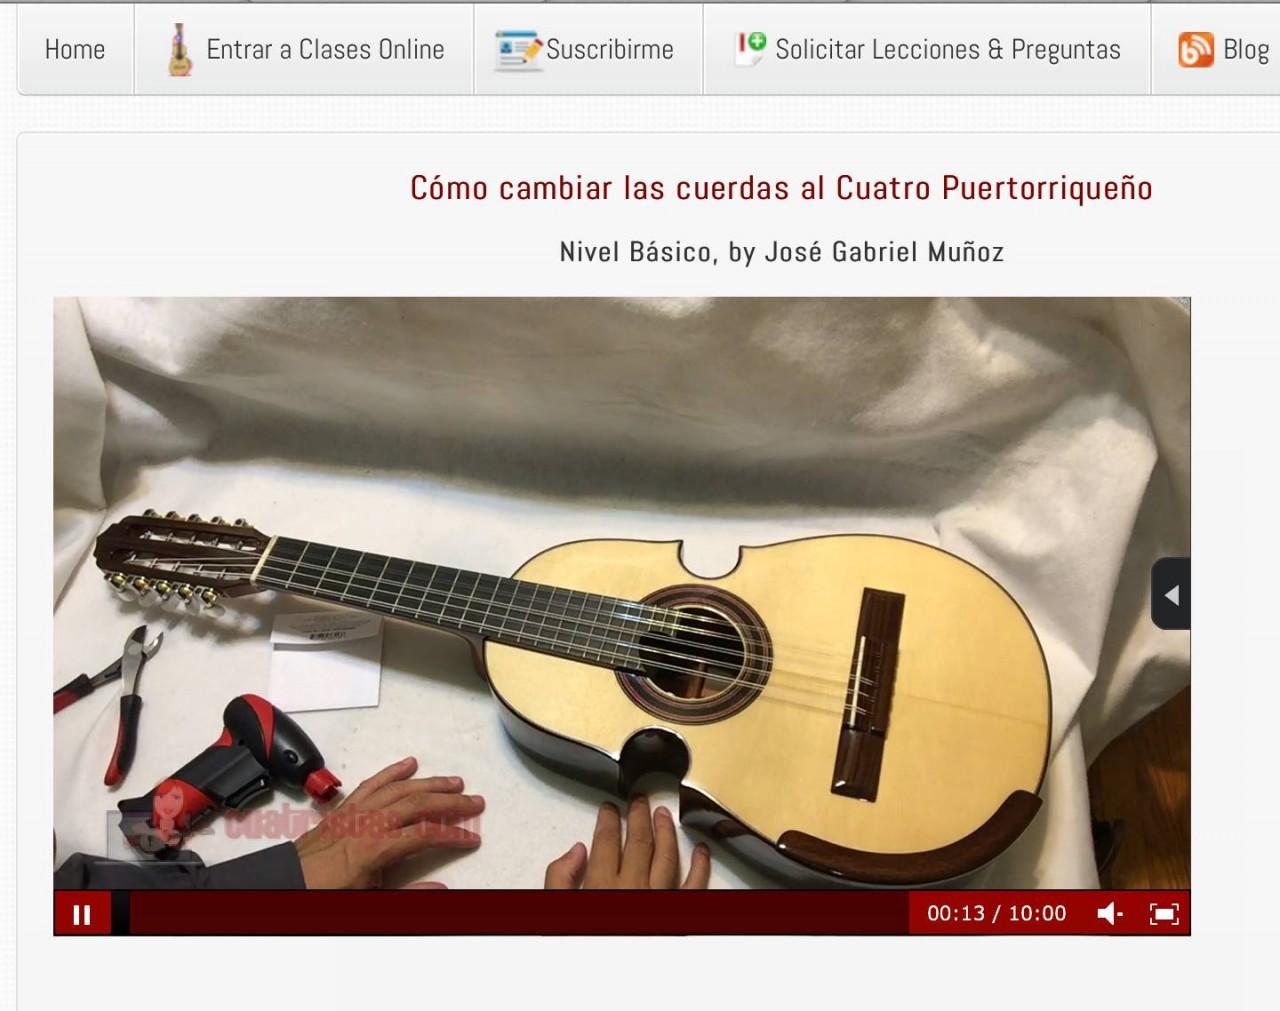 Cómo cambiar las Cuerdas Cuatro Puertorriqueño